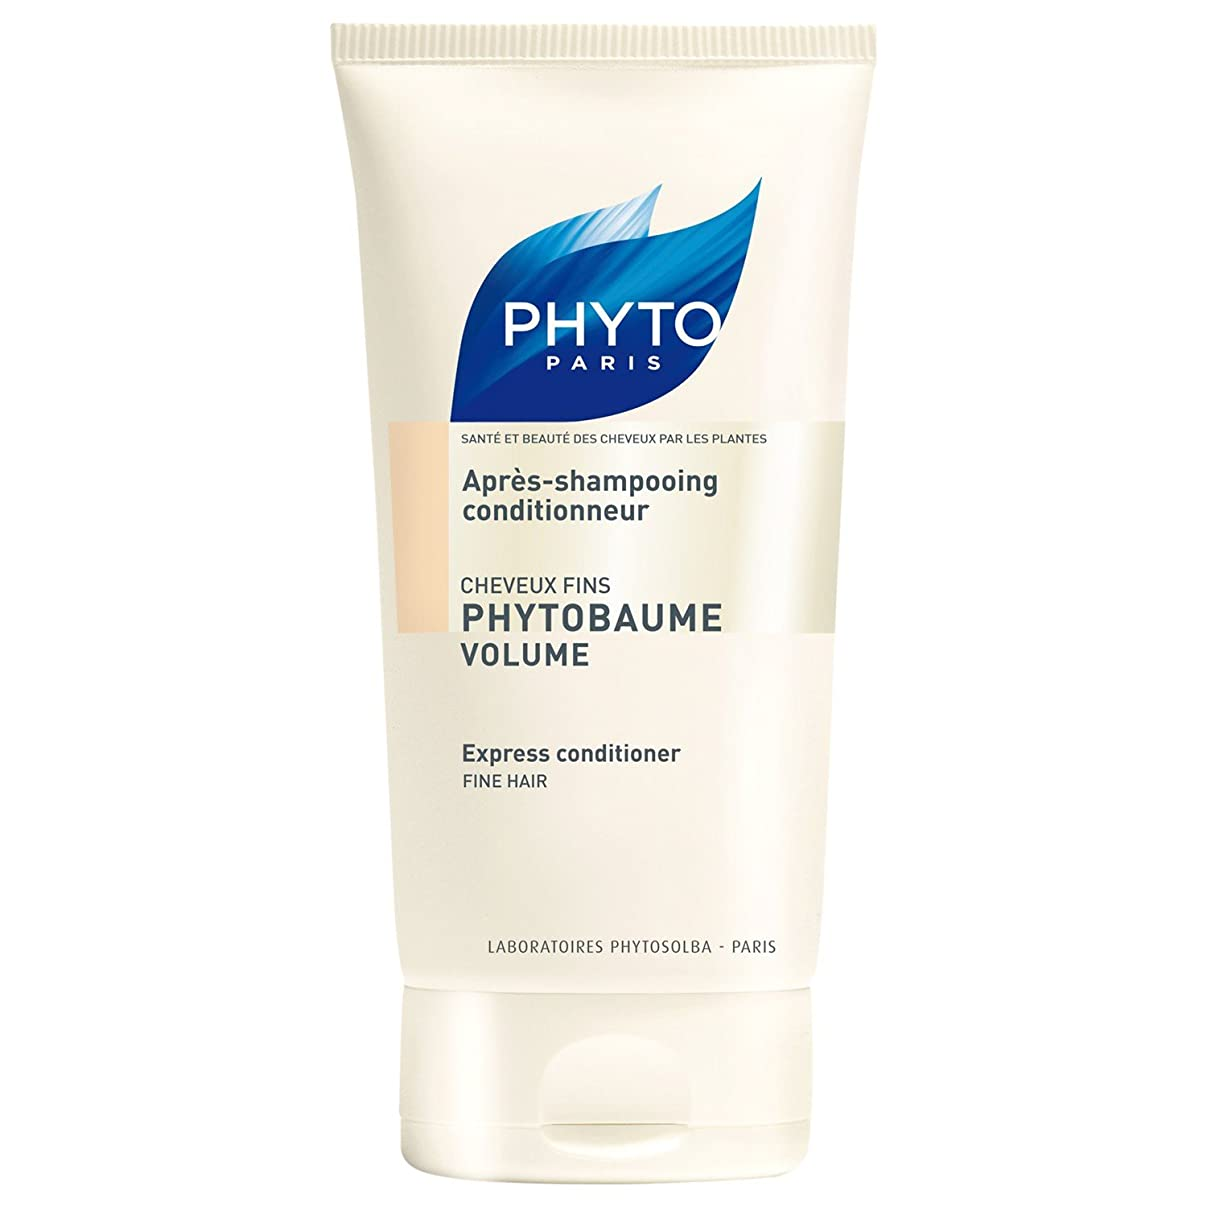 地理ハードリング犯す細い髪の150ミリリットルのためのフィトPhytobaumeボリュームエクスプレスコンディショナー (Phyto) - Phyto Phytobaume Volume Express Conditioner for Fine Hair 150ml [並行輸入品]